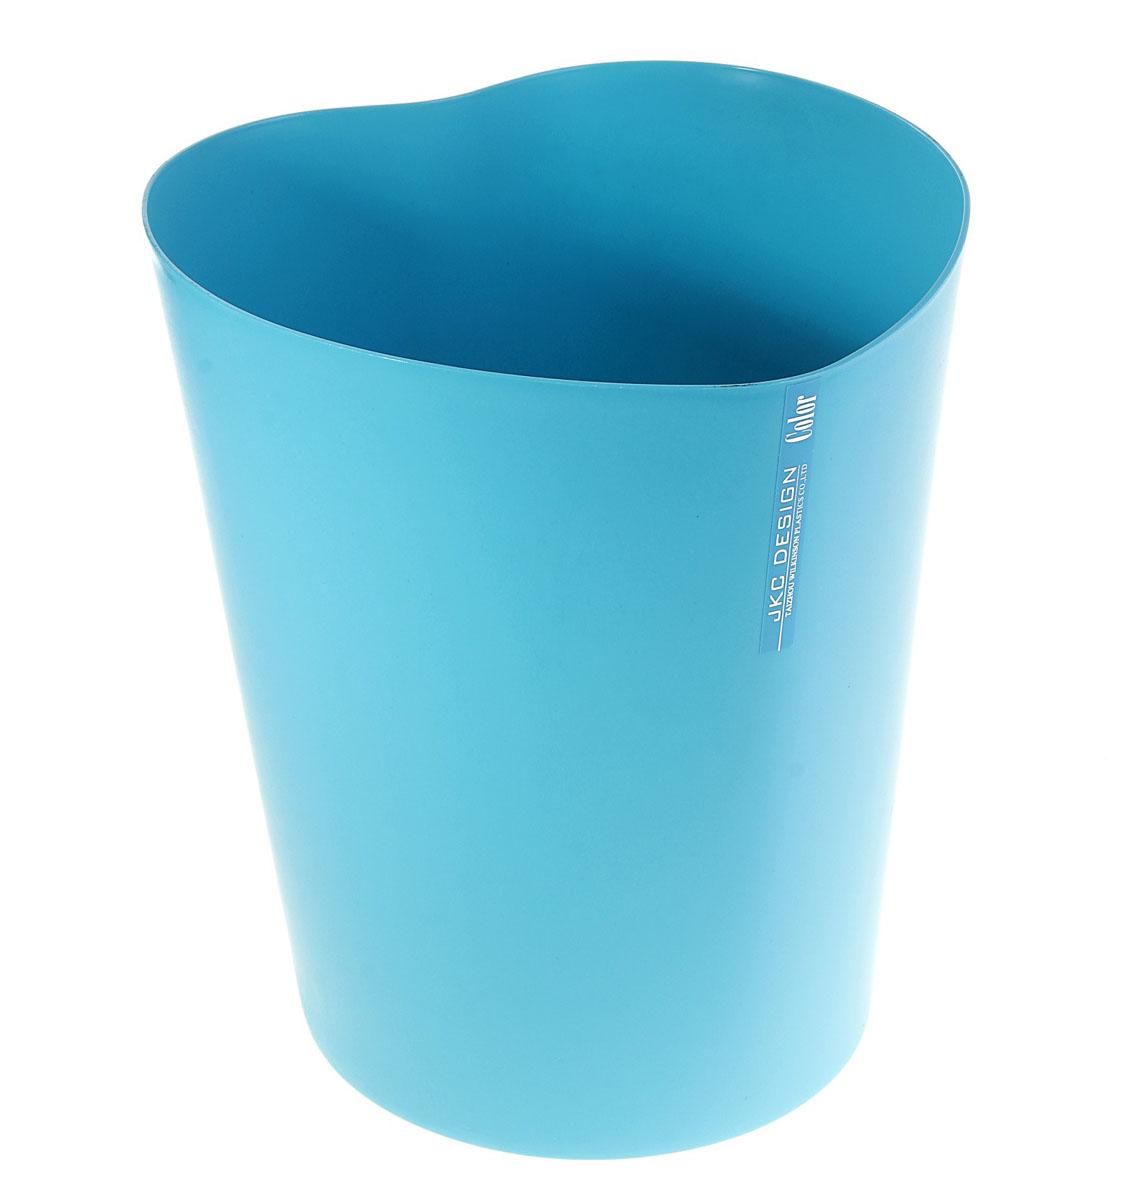 Ведро Sima-land Сердце, цвет: синий, высота 28 см531-301Ведро Sima-land Сердце изготовлено из пластика и предназначено для складывания мусора, различных мелких предметов и материалов. Изделие выполнено в форме сердца.Размер ведра: 23 см х 26 см х 28 см.Диаметр дна: 18,5 см.